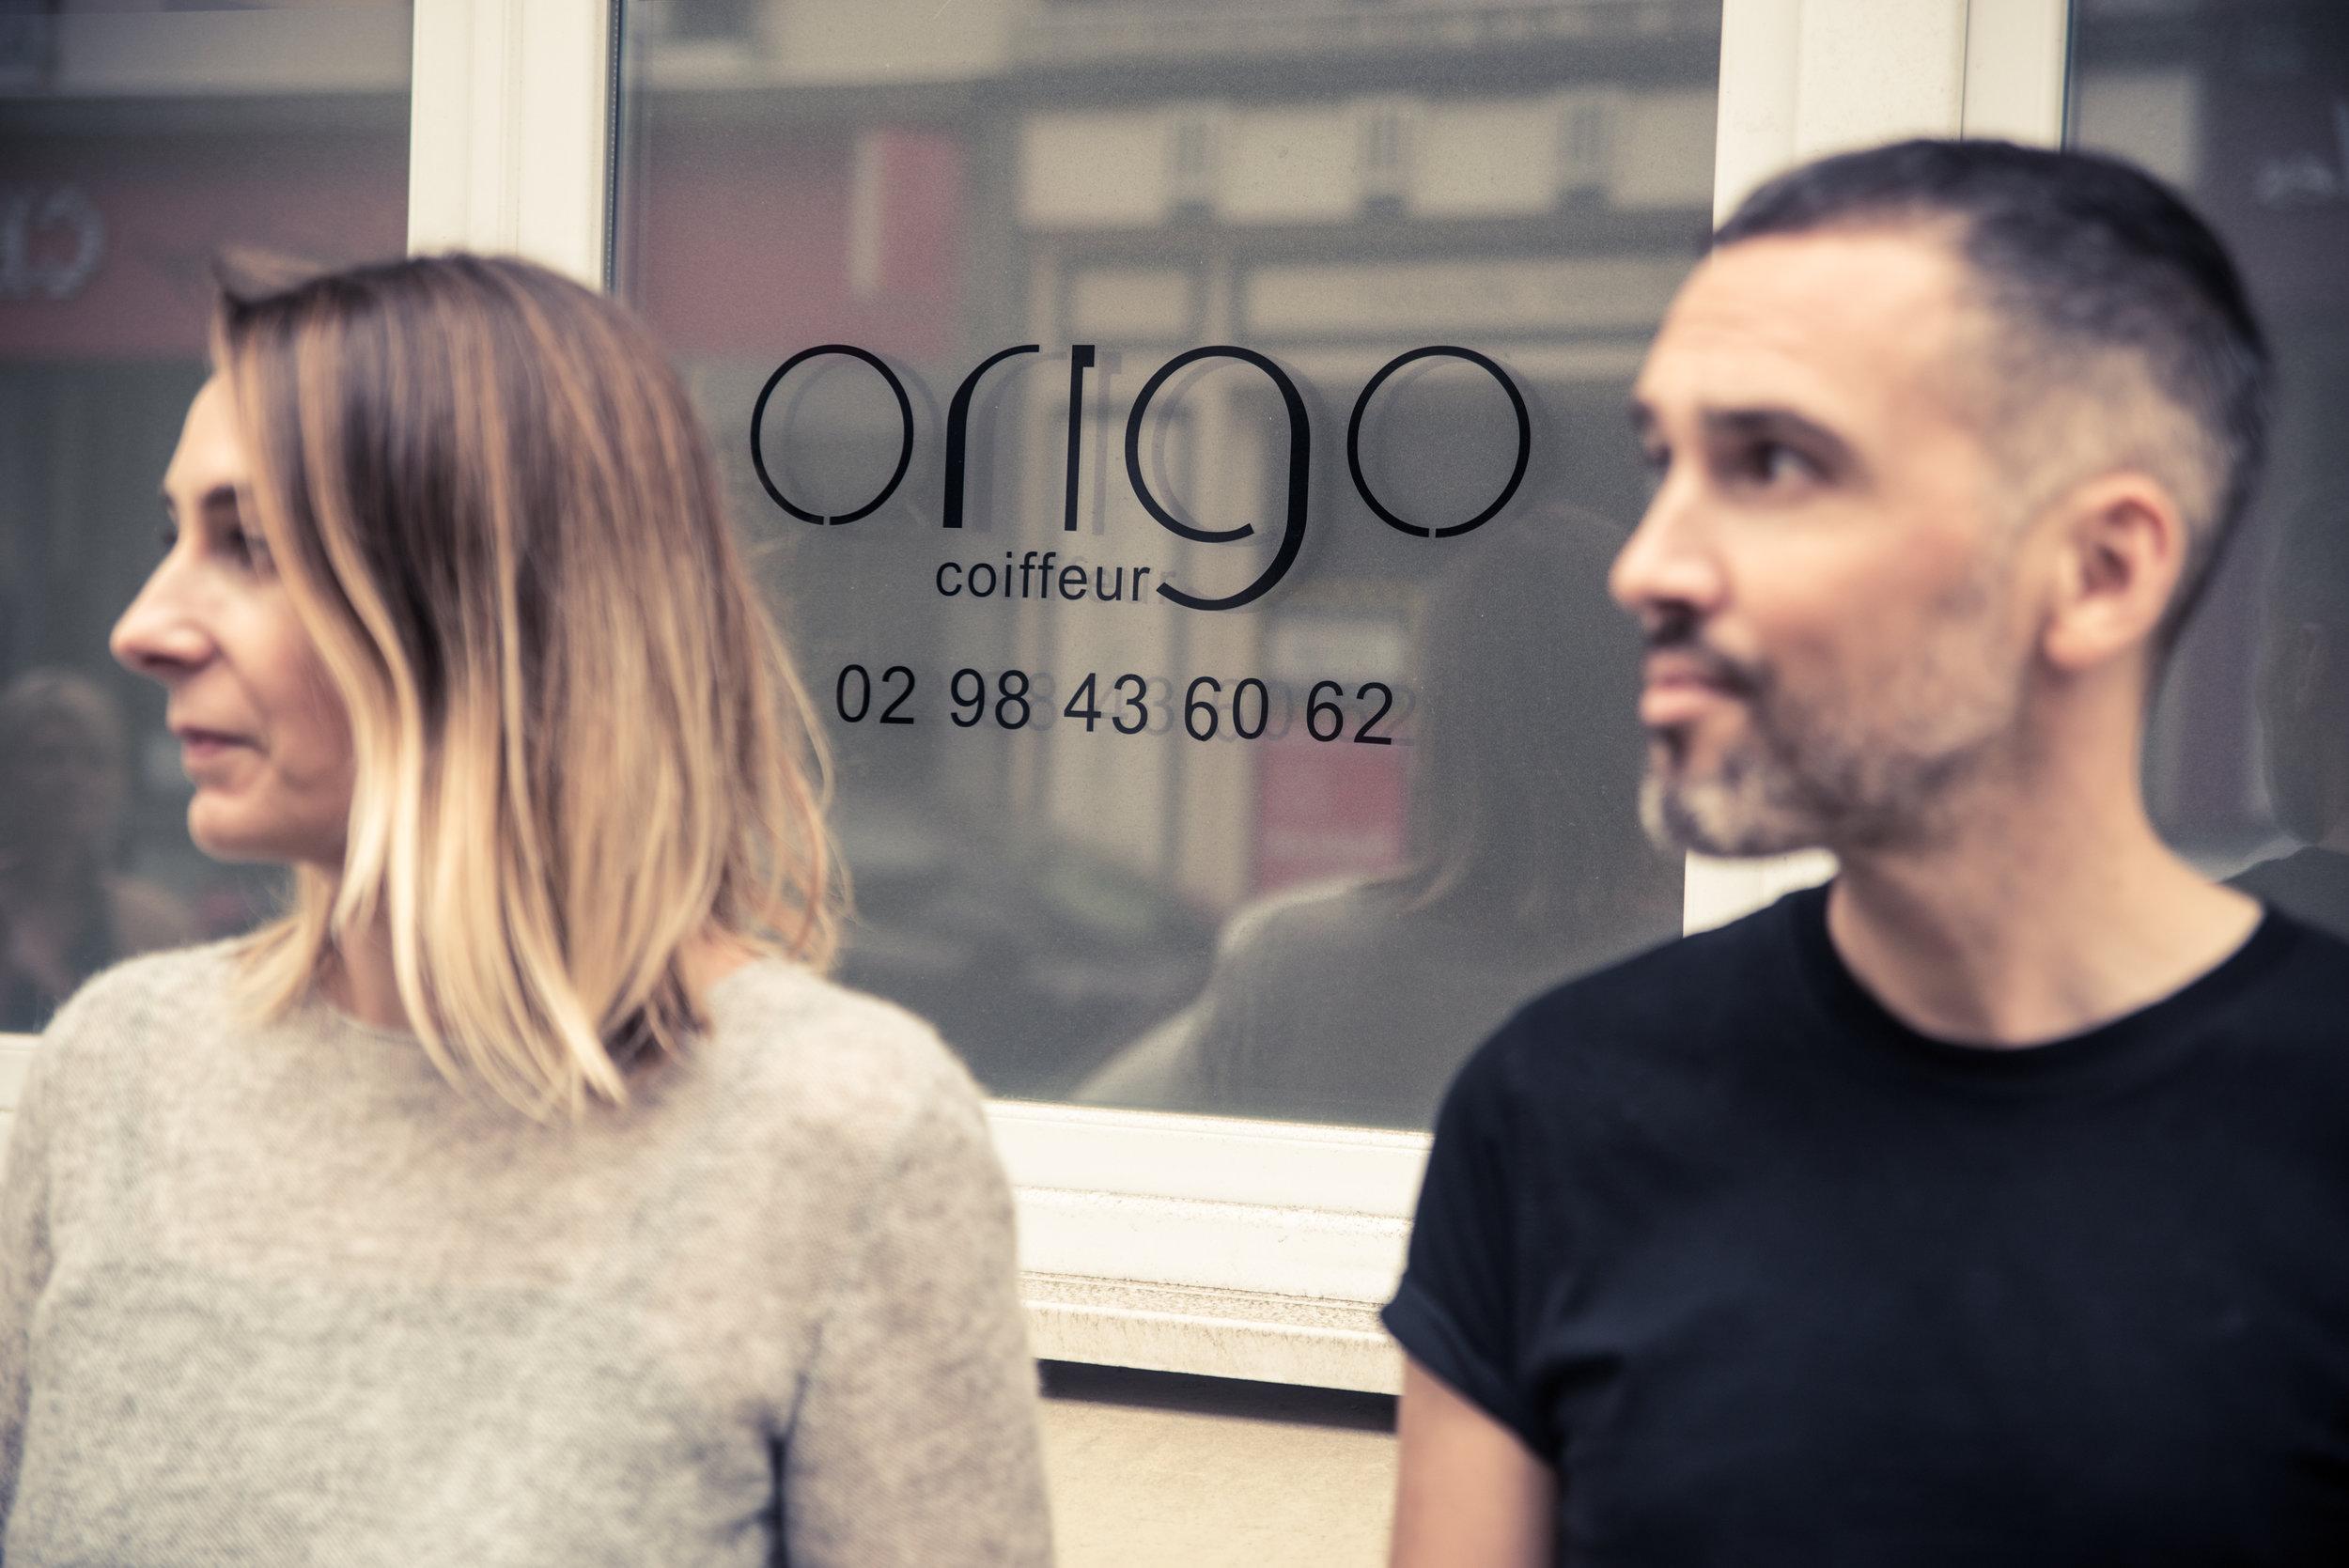 ORIGO-1712.jpg